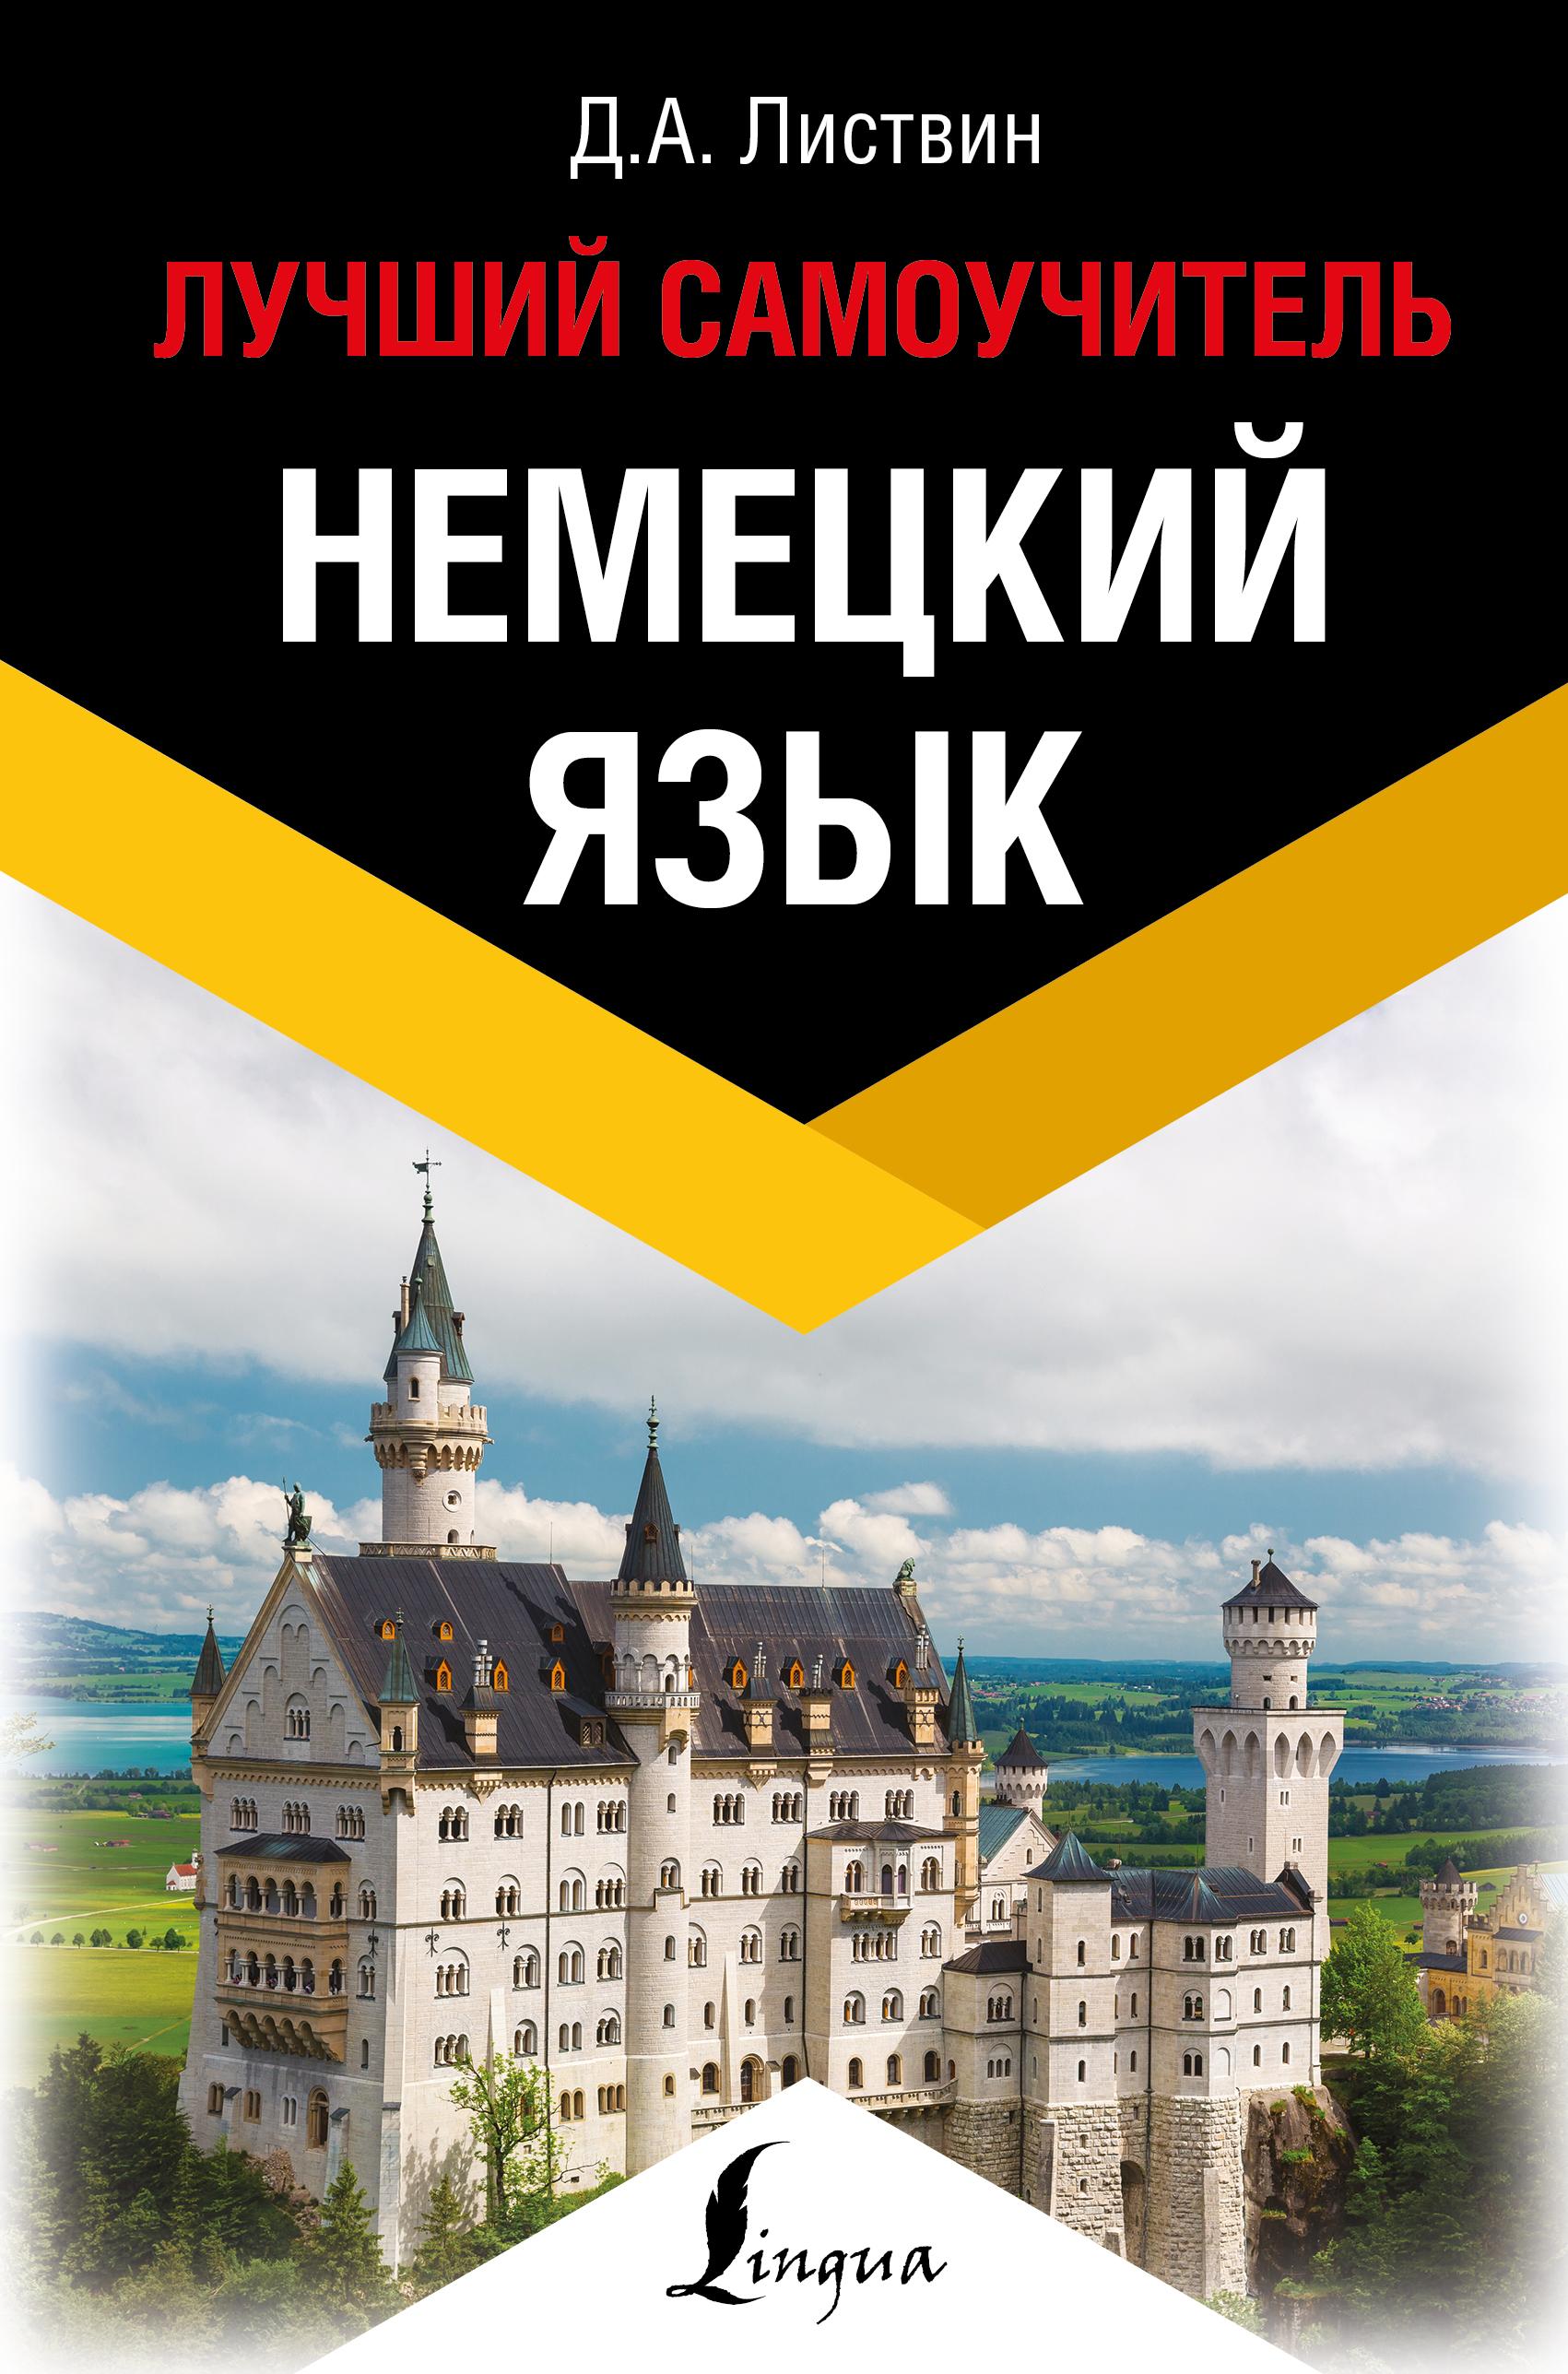 Немецкий язык. Лучший самоучитель самый быстрый способ выучить немецкий язык мои первые 1000 немецких слов